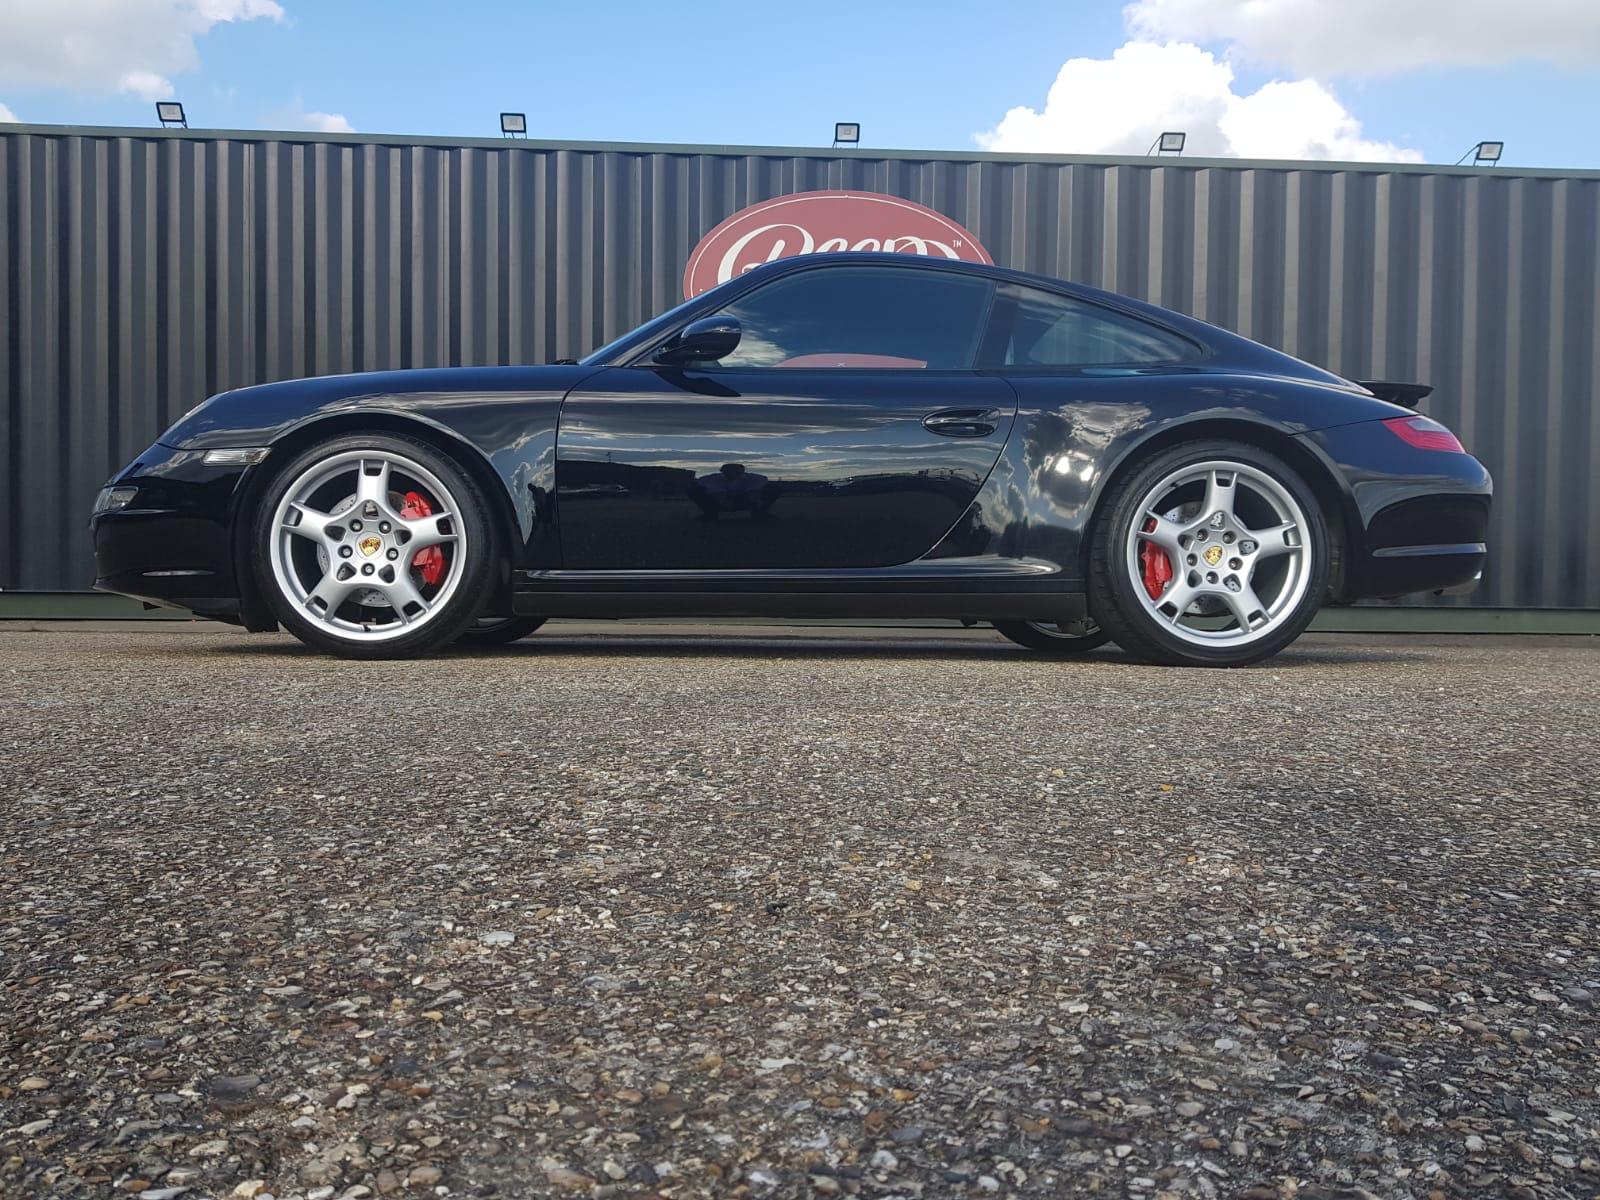 Porsche Carrera Gtechniq